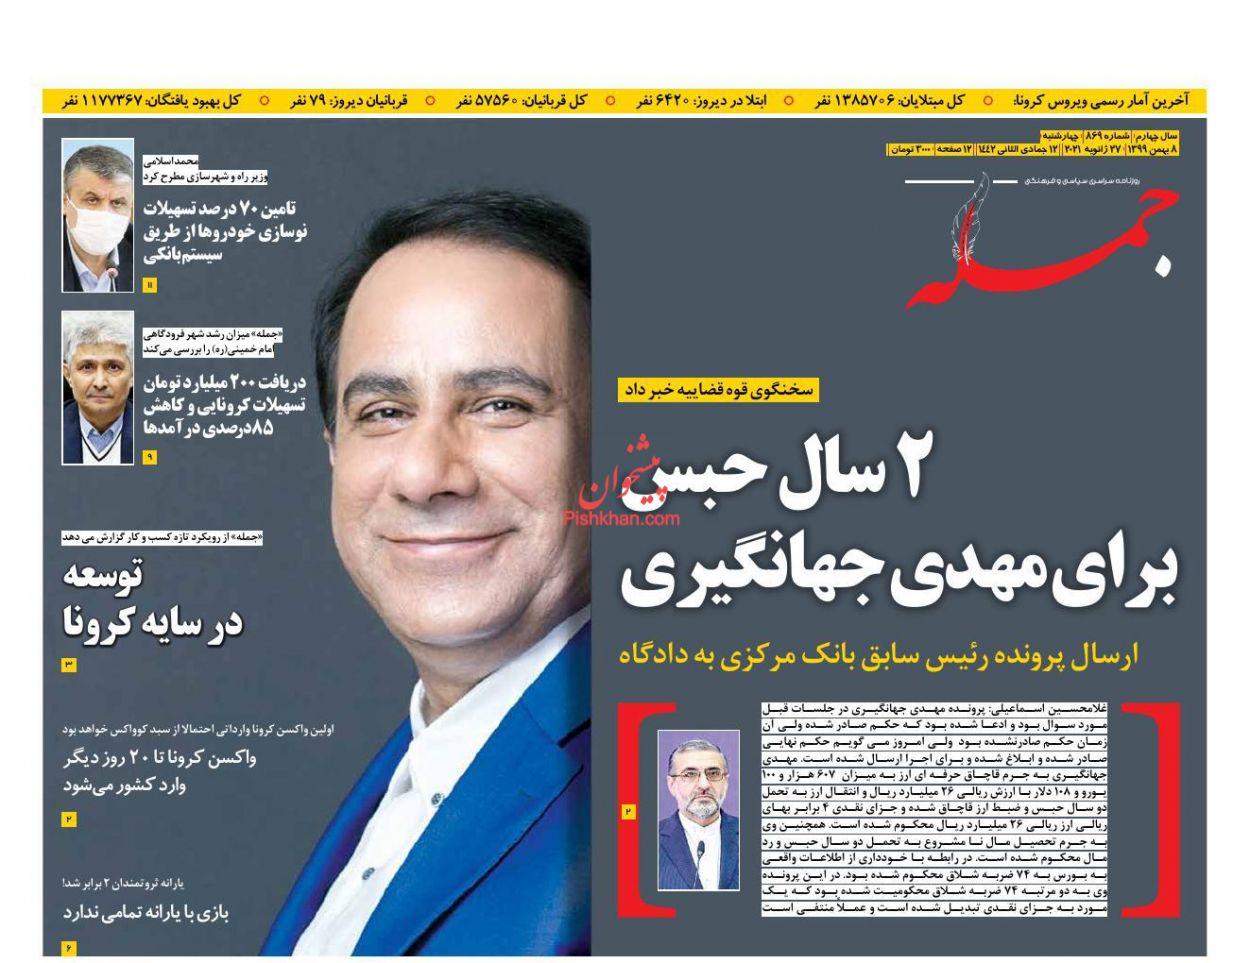 عناوین اخبار روزنامه جمله در روز چهارشنبه ۸ بهمن